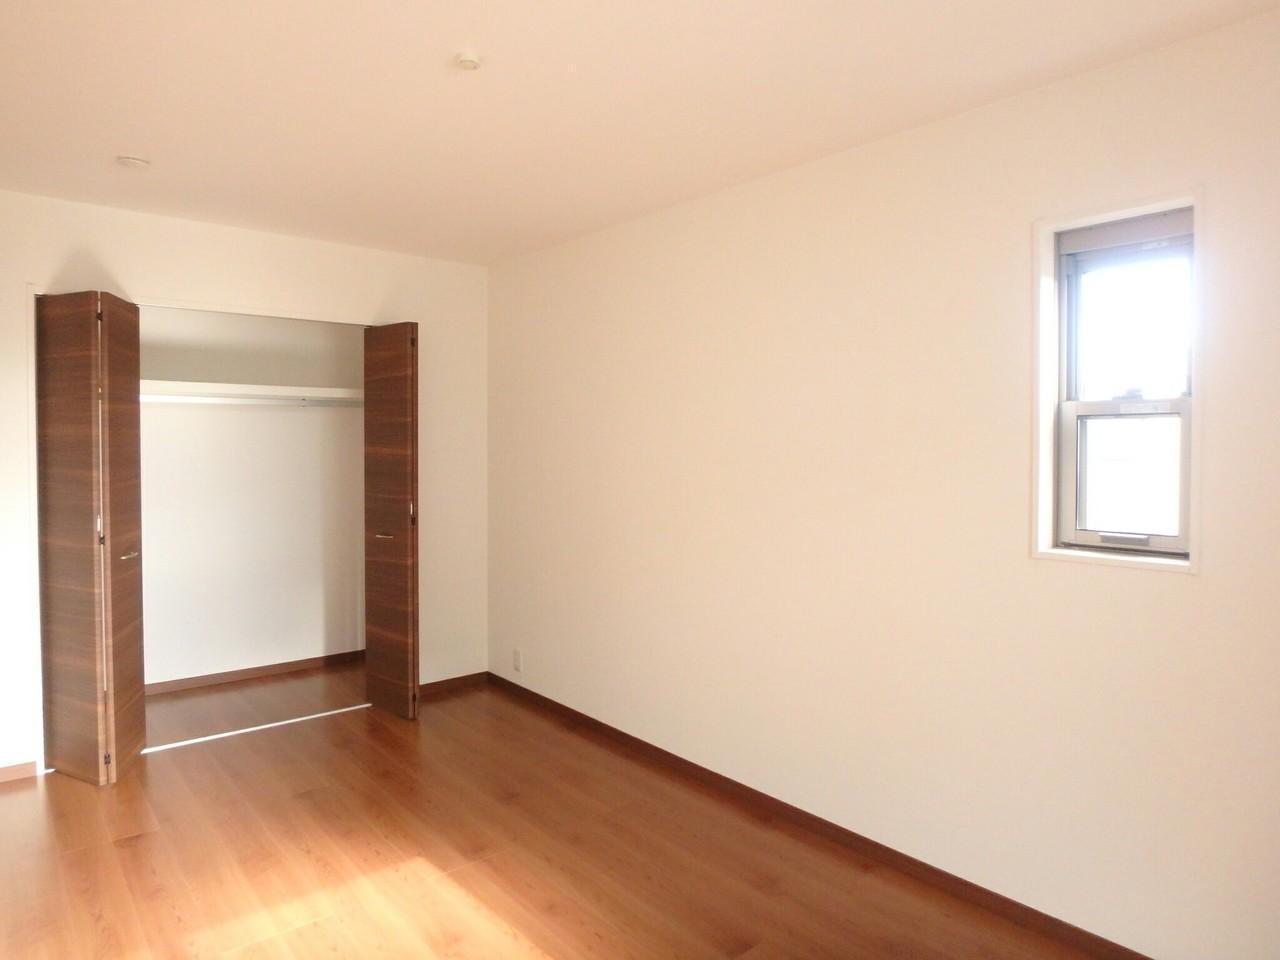 2階洋室は各部屋に収納がついています。 各部屋がバルコニーにつながっているので、お布団を干すときなどとっても便利ですね♪